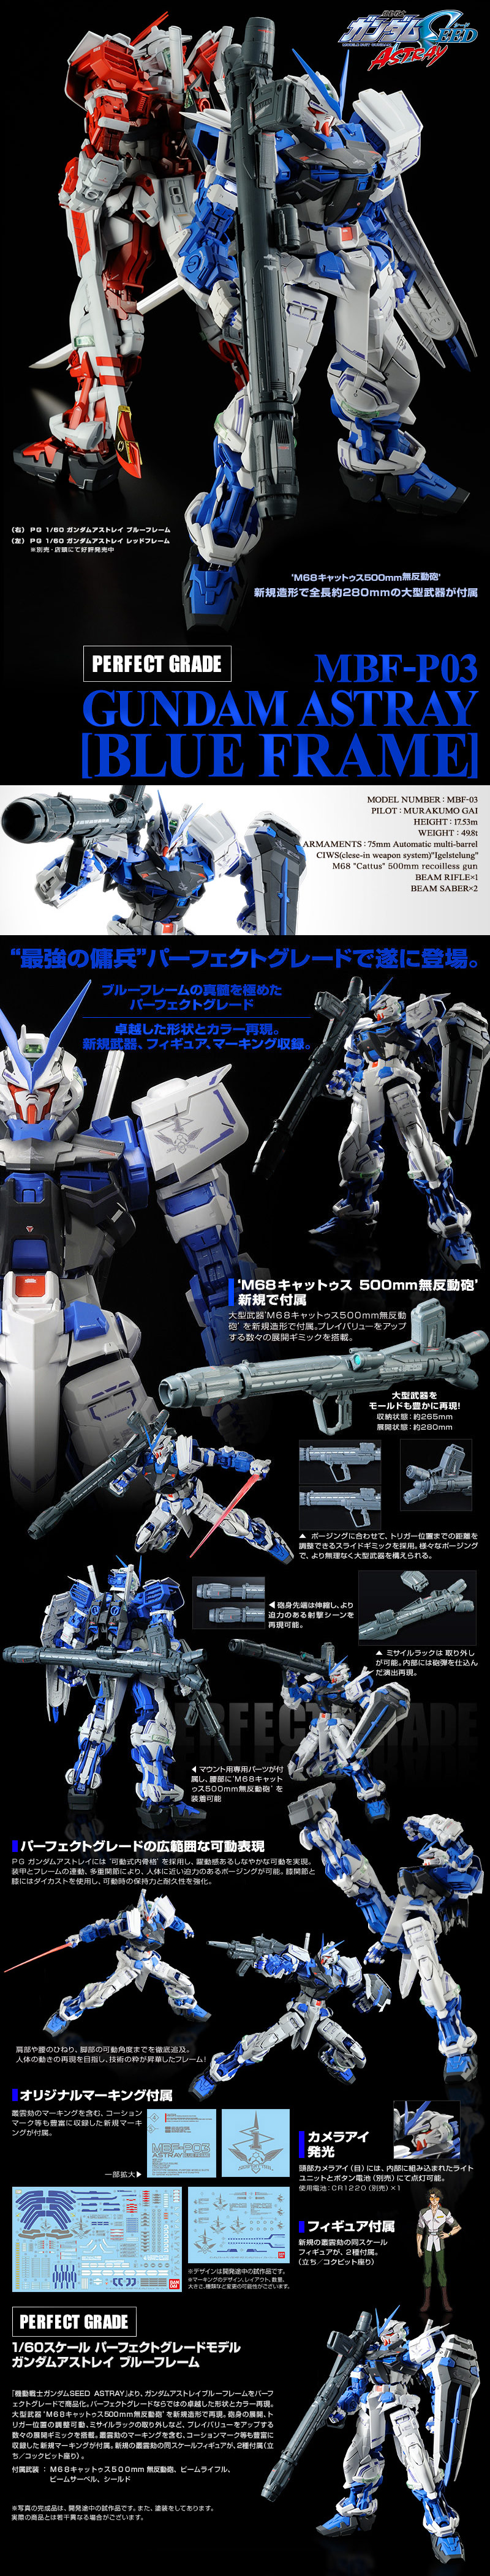 PG Astray Blue Frame